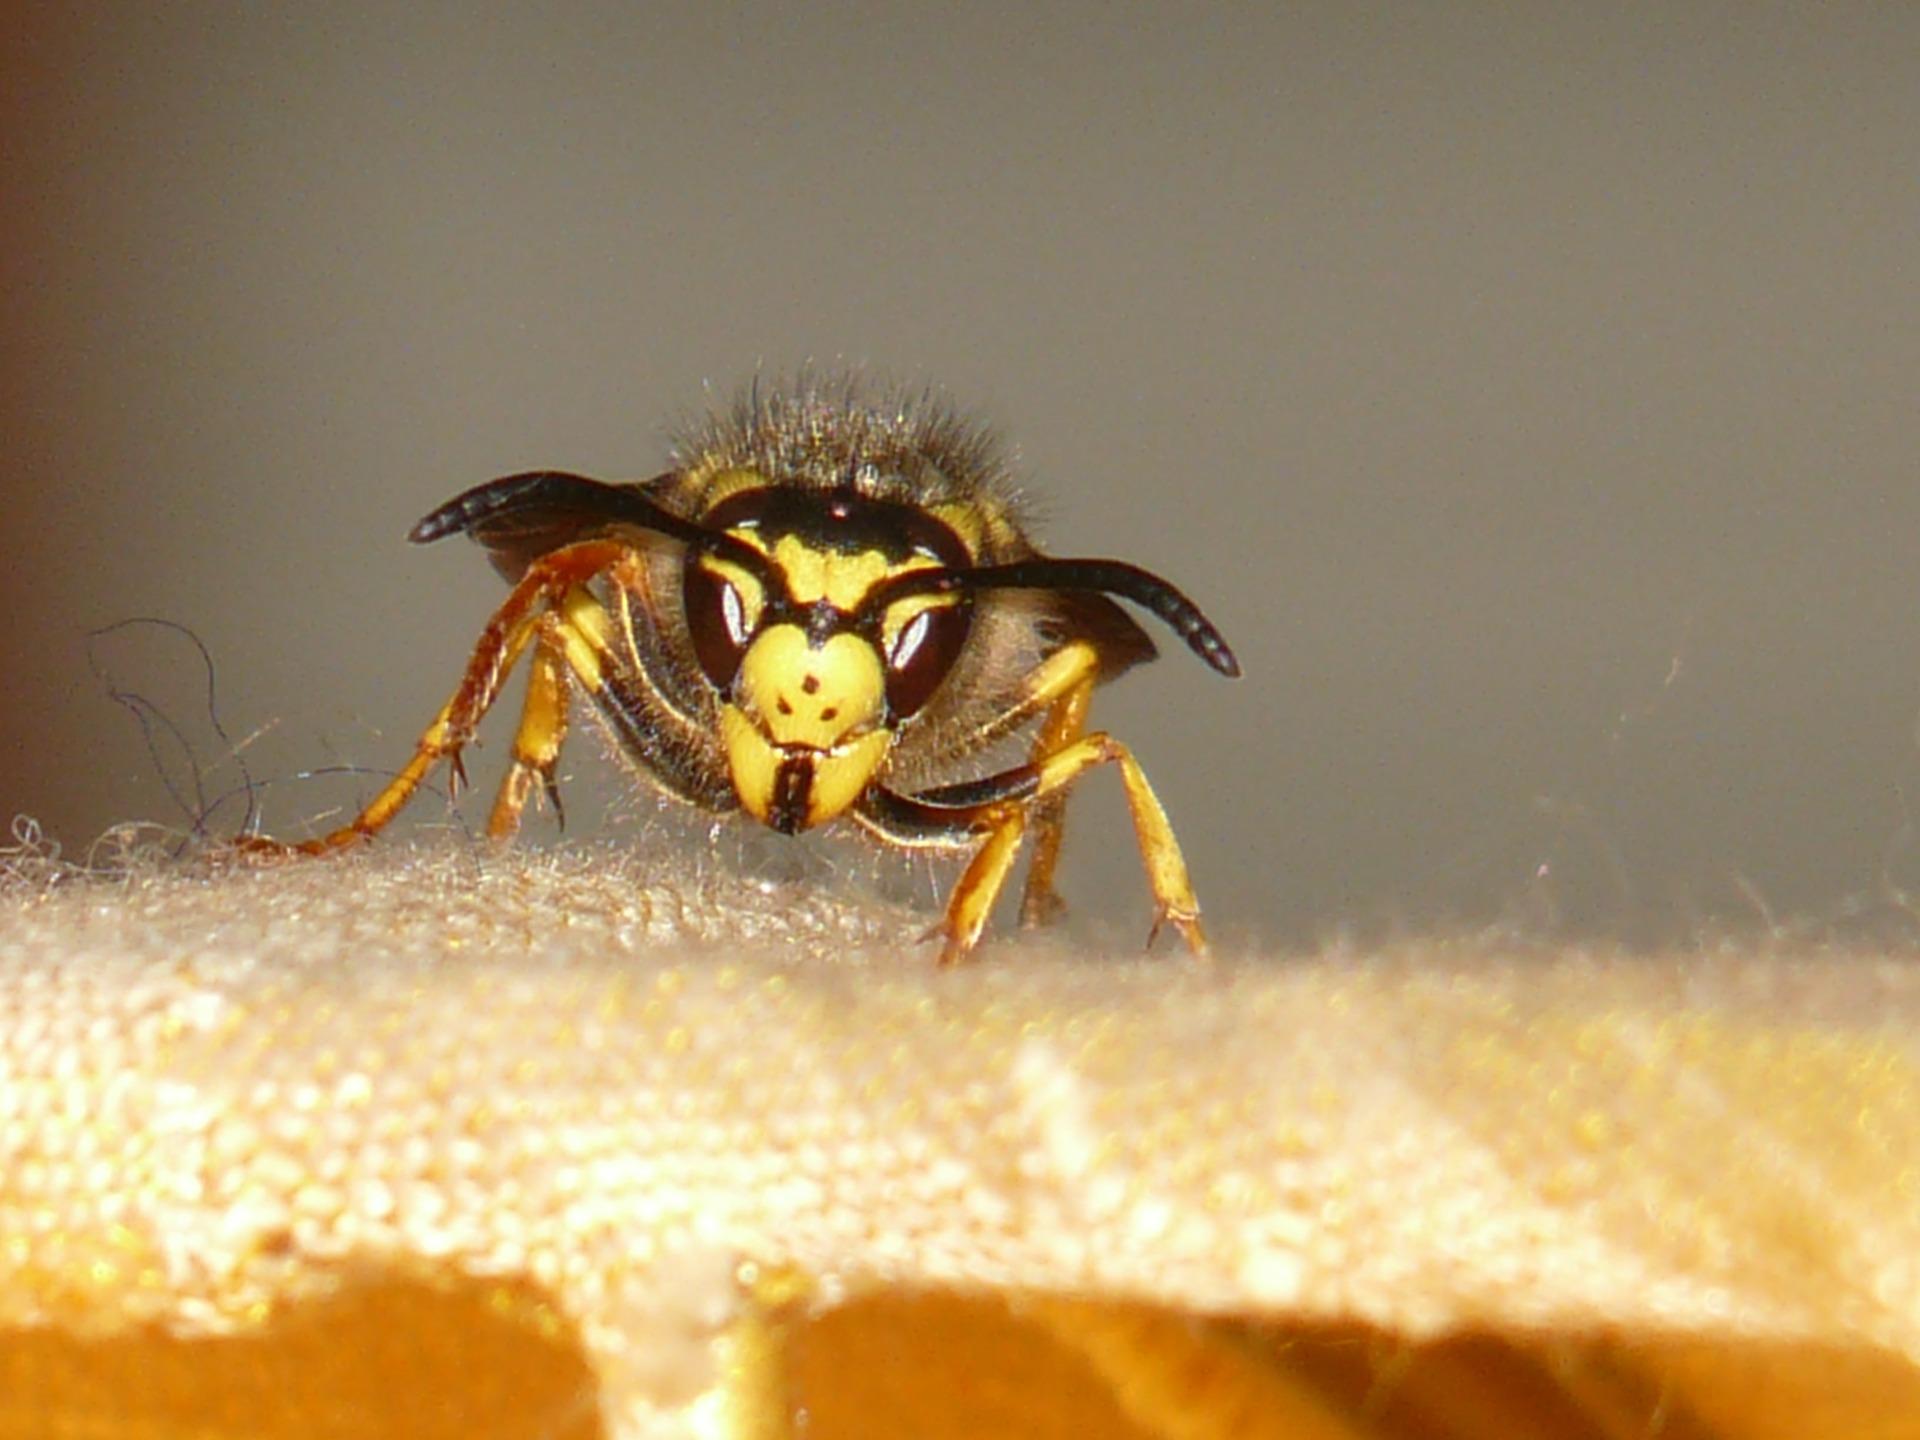 Štípnutí od sršně je velmi bolestivé, protože jde o velký hmyz.